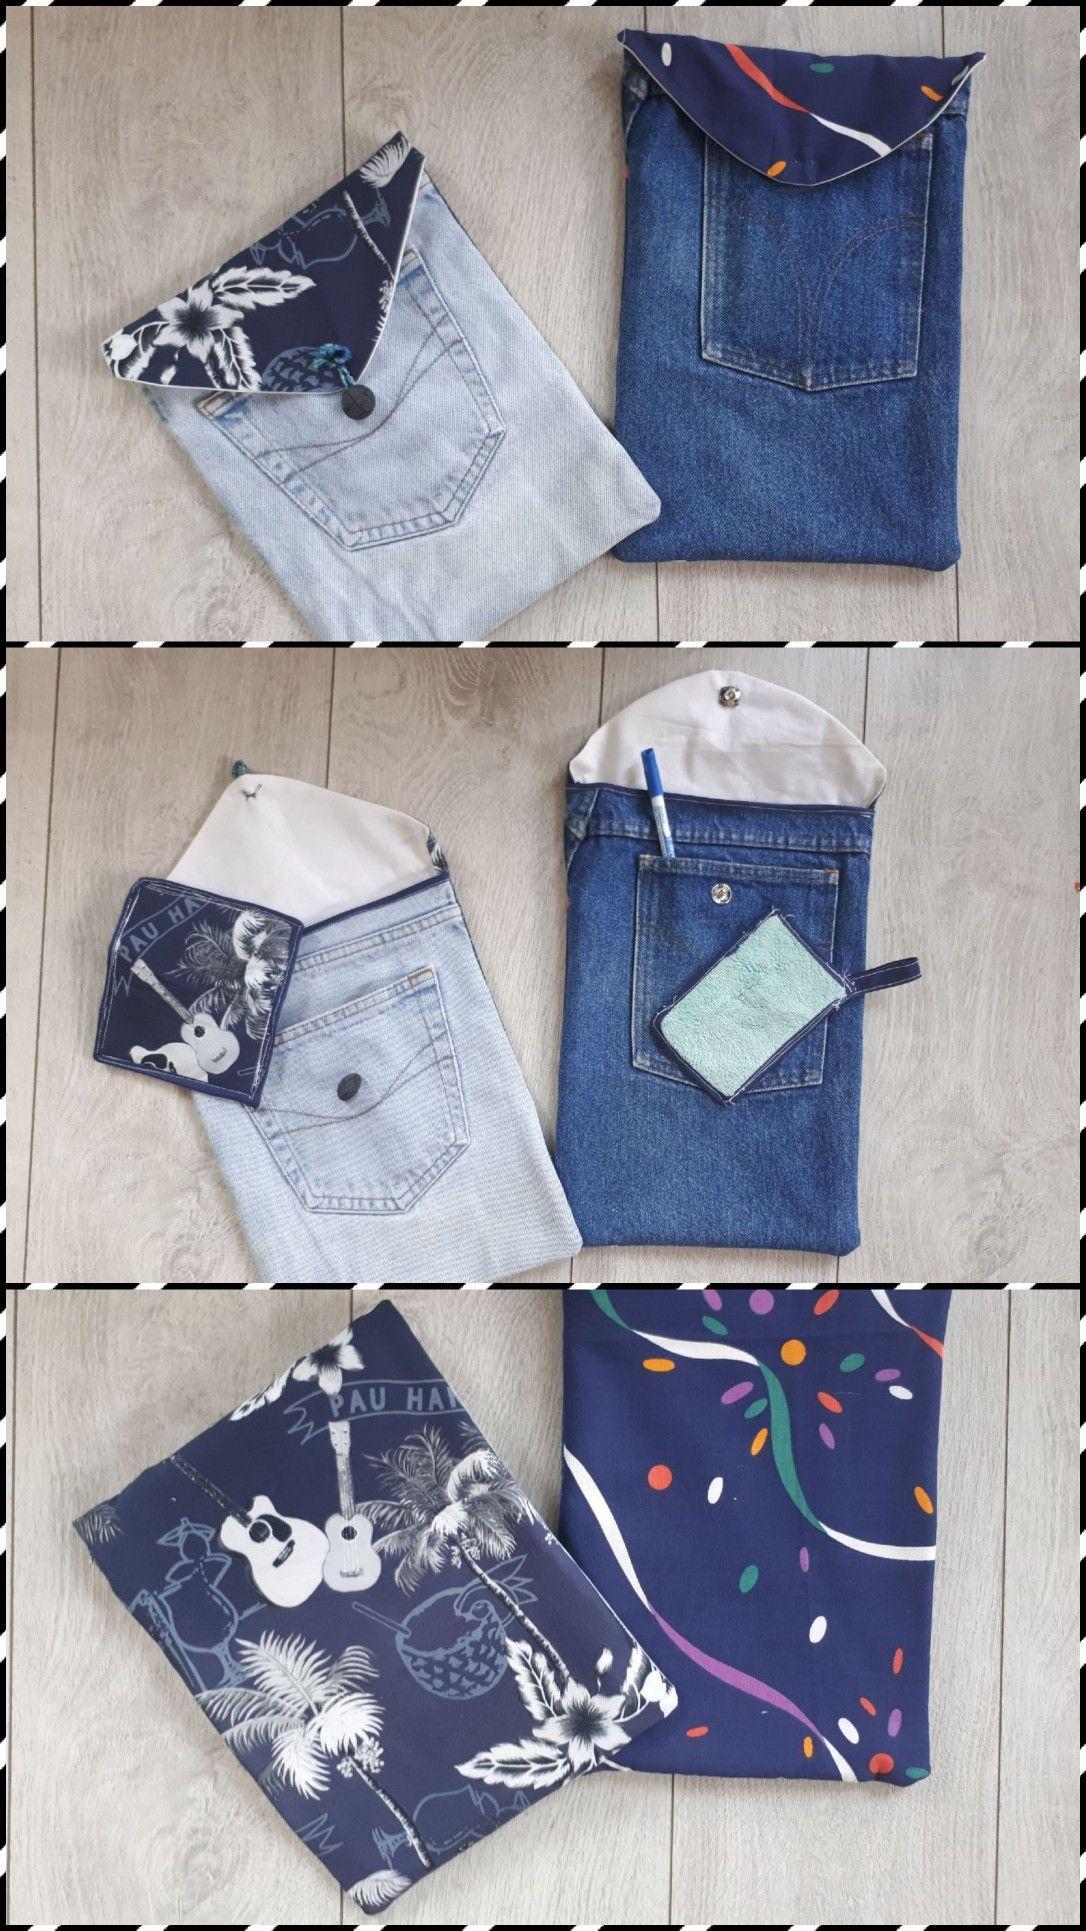 Recyclage Chute De Tissus : recyclage, chute, tissus, Pochettes, Ardoises, Leurs, éponges, Assorties., Jeans,, Pochette,, Chute, Tissu